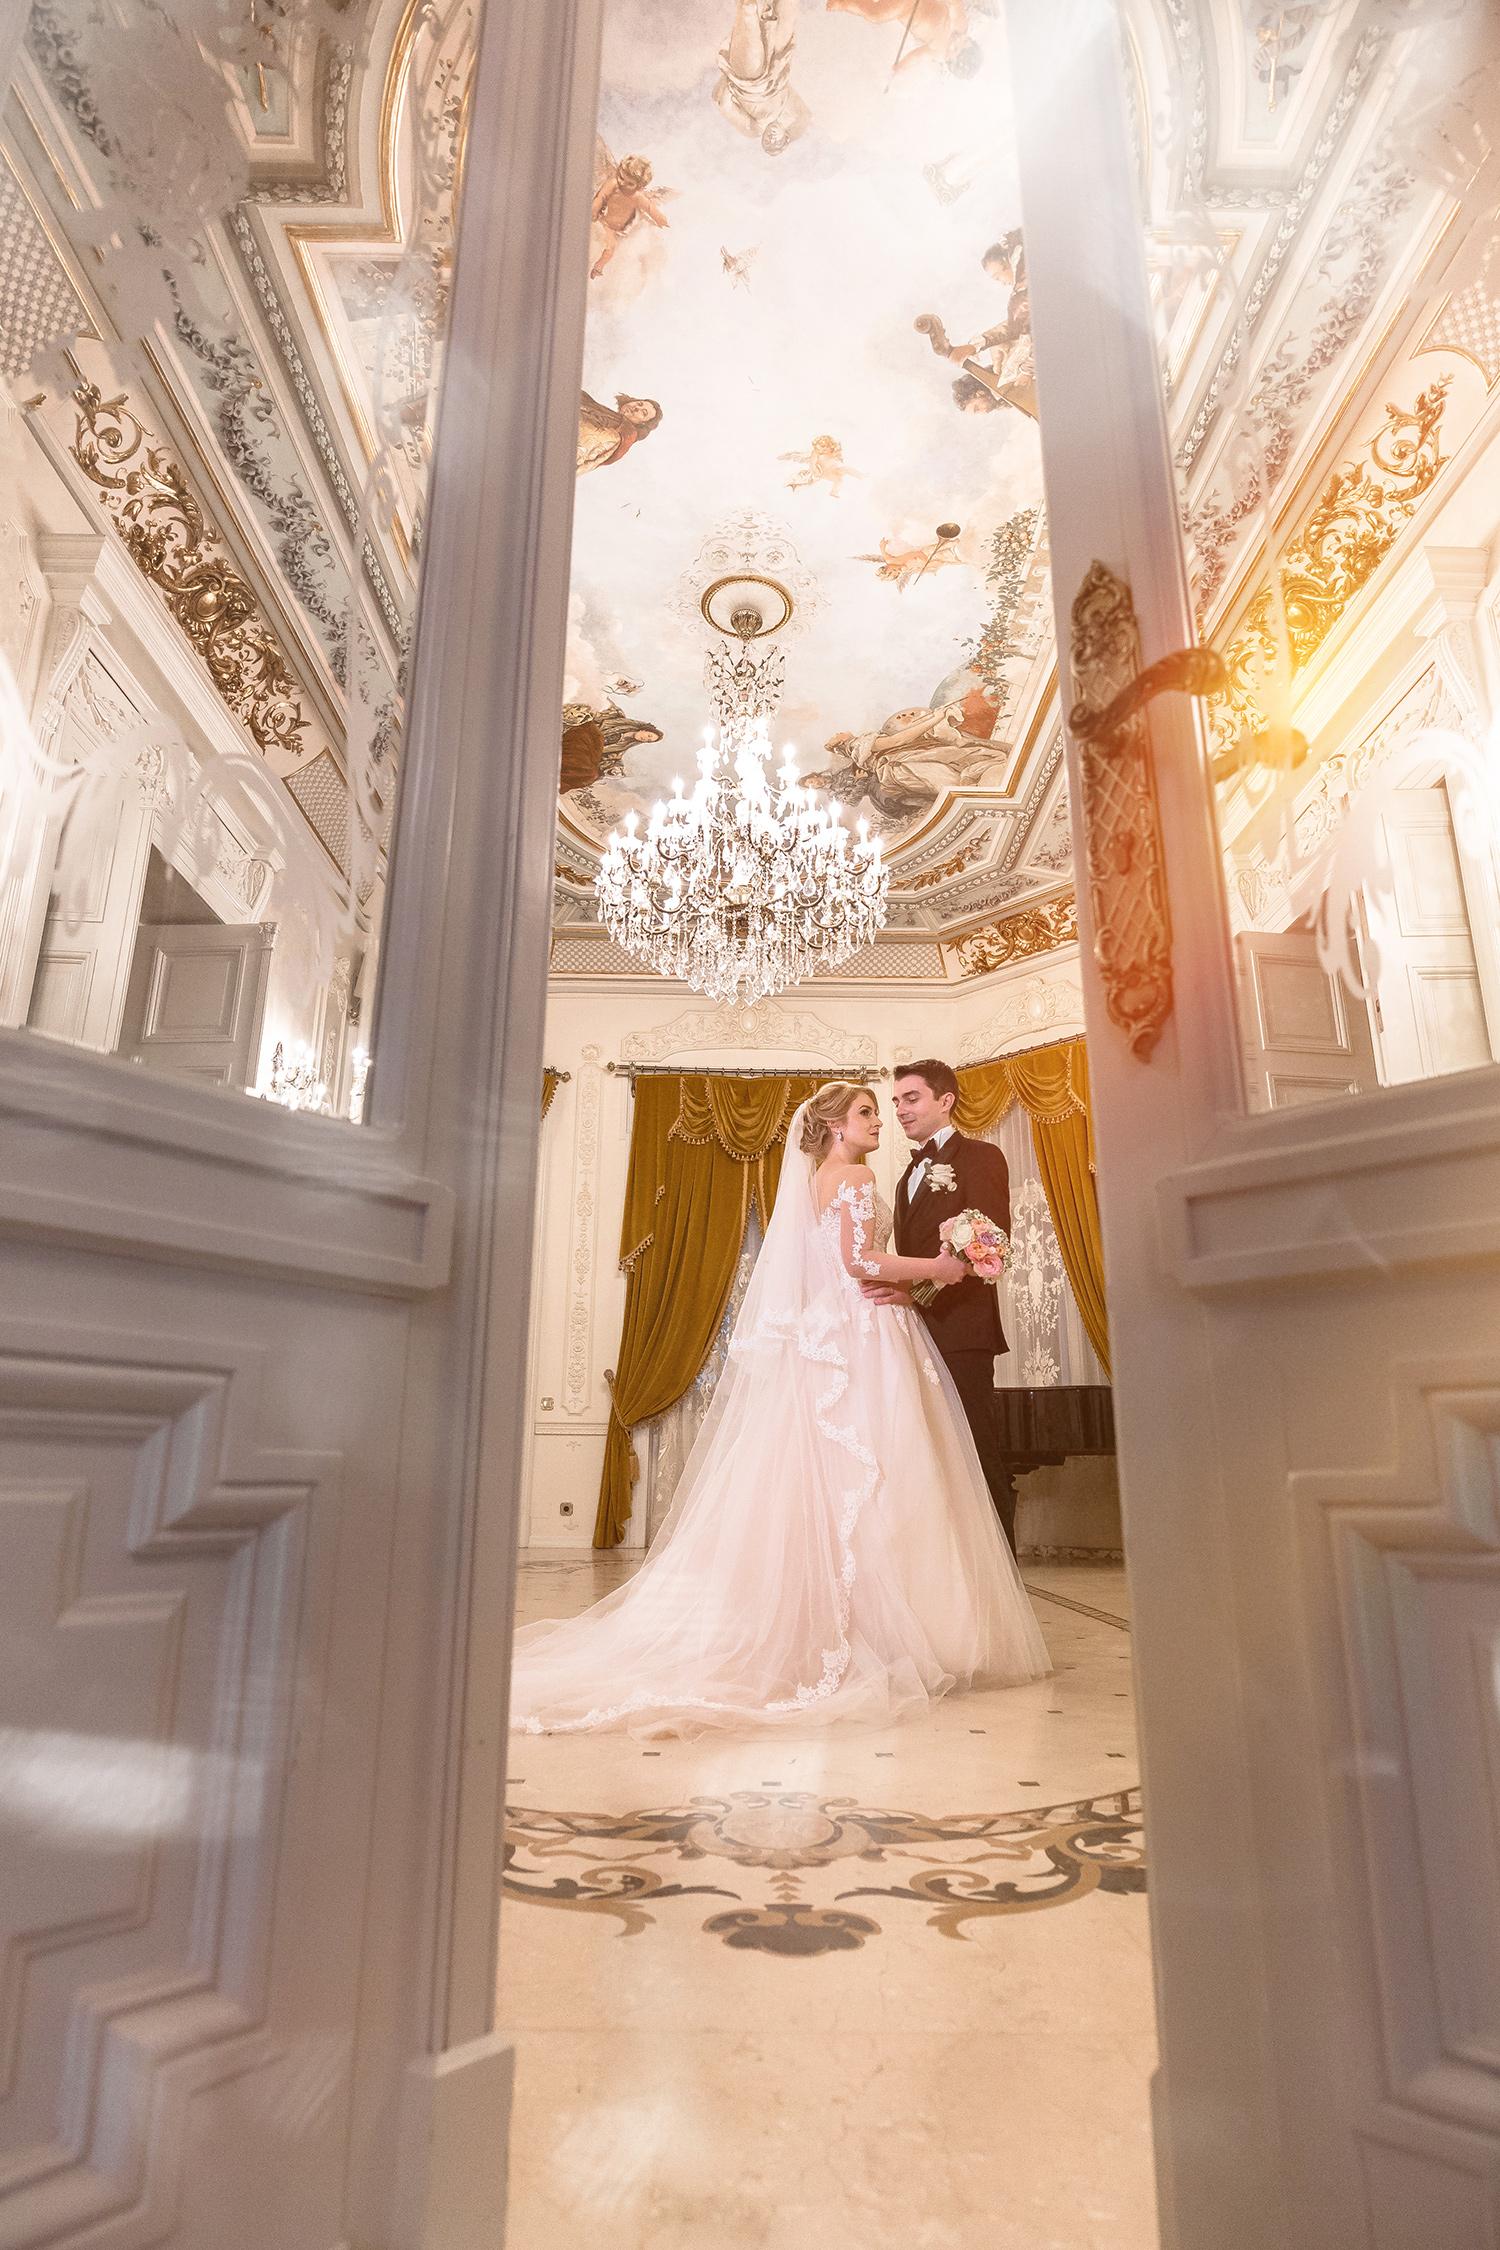 fotograf nunta bucuresti radu adelina 096.jpg?scale.width=687&scale